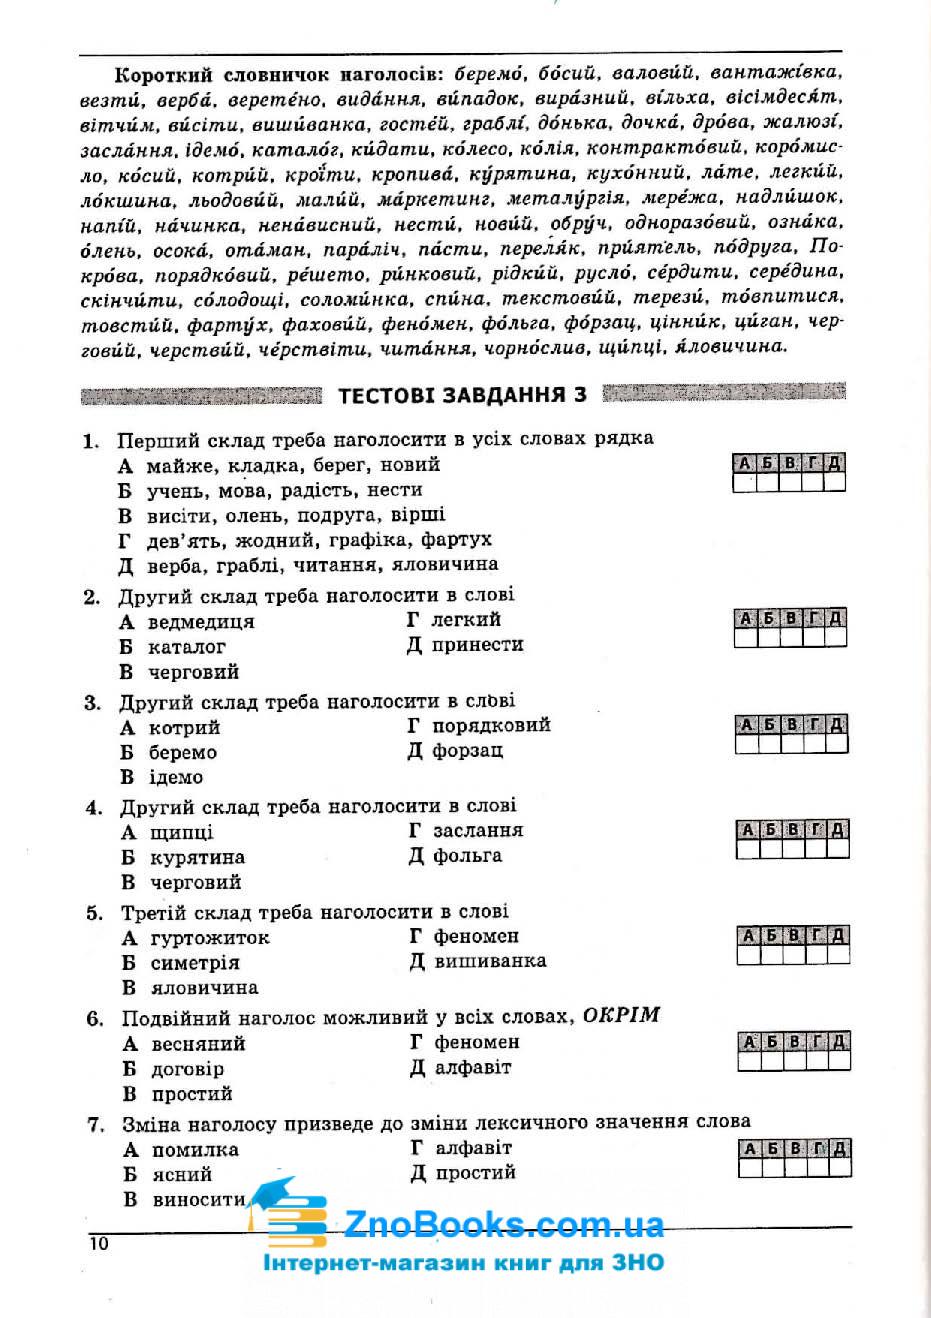 Українська мова та література ЗНО 2020. Довідник + тести : Куриліна О. Абетка. купити 9